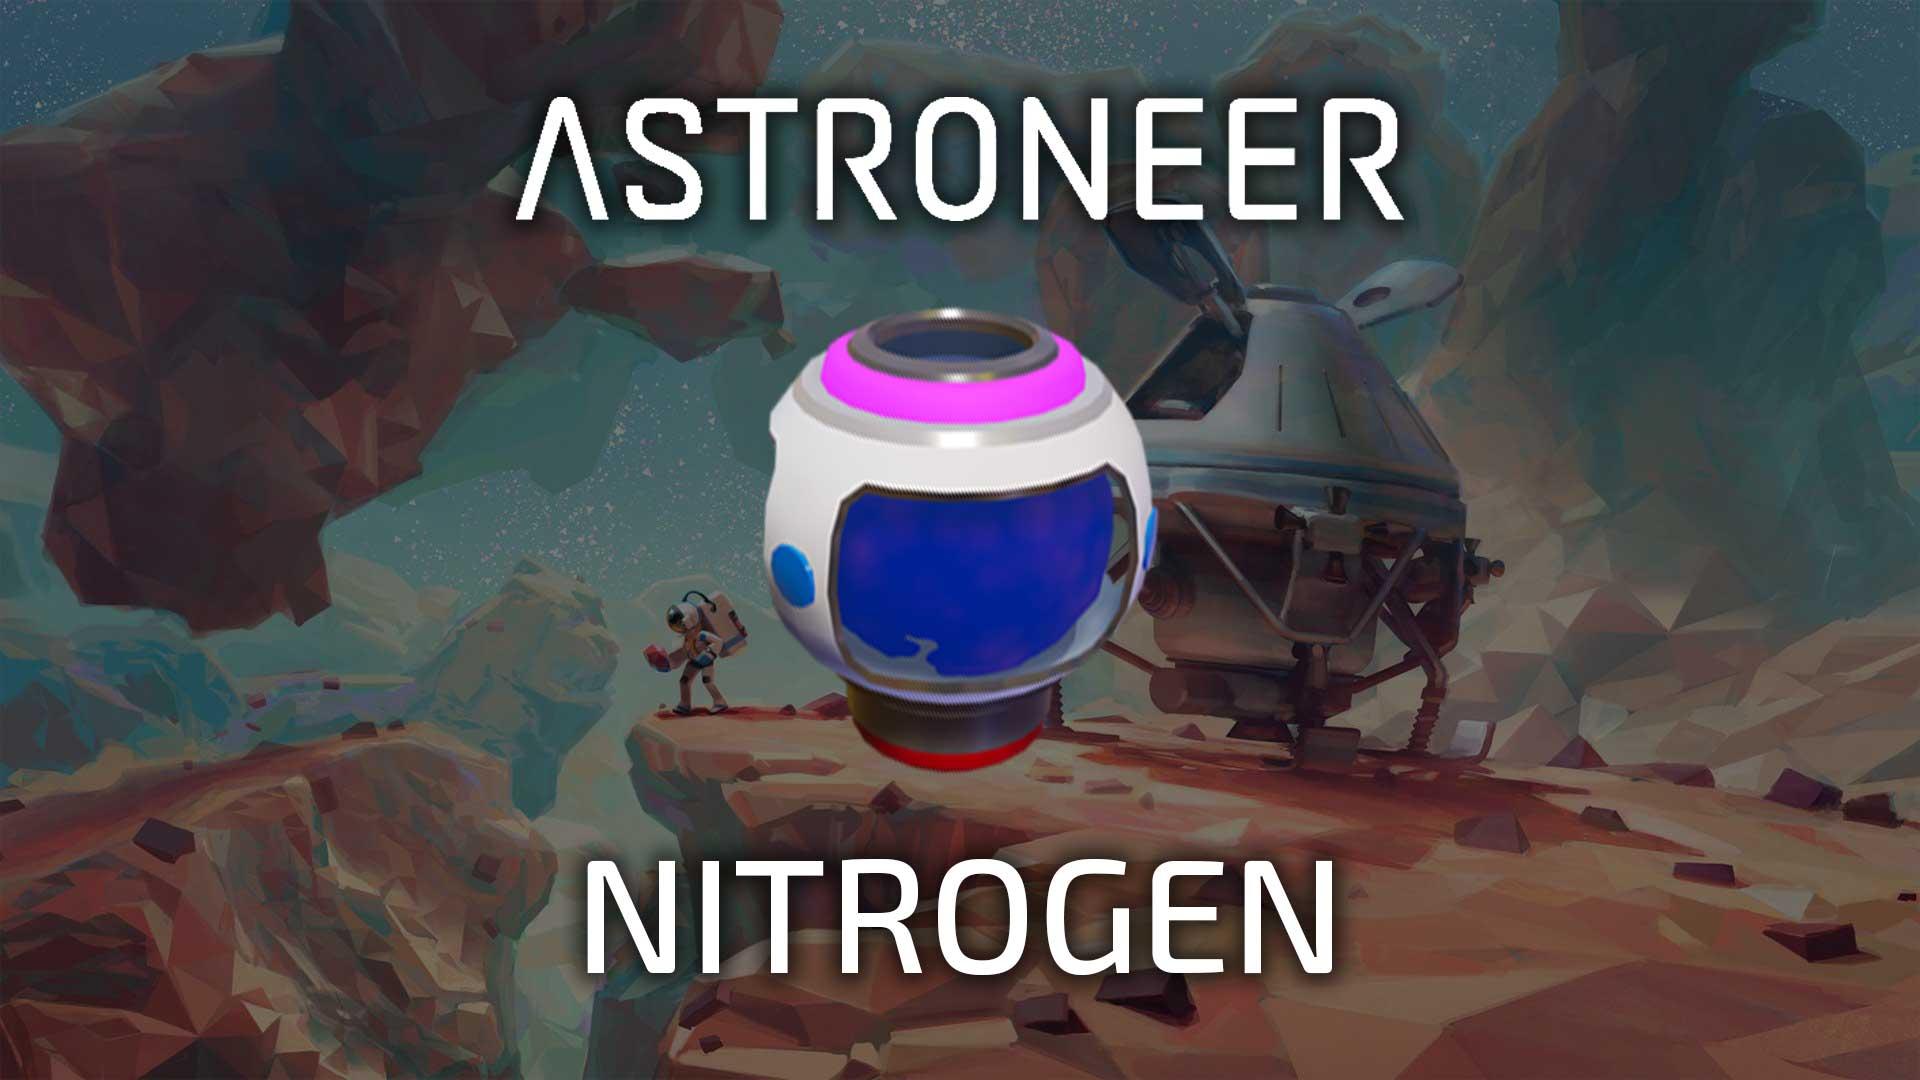 astroneer nitrogen